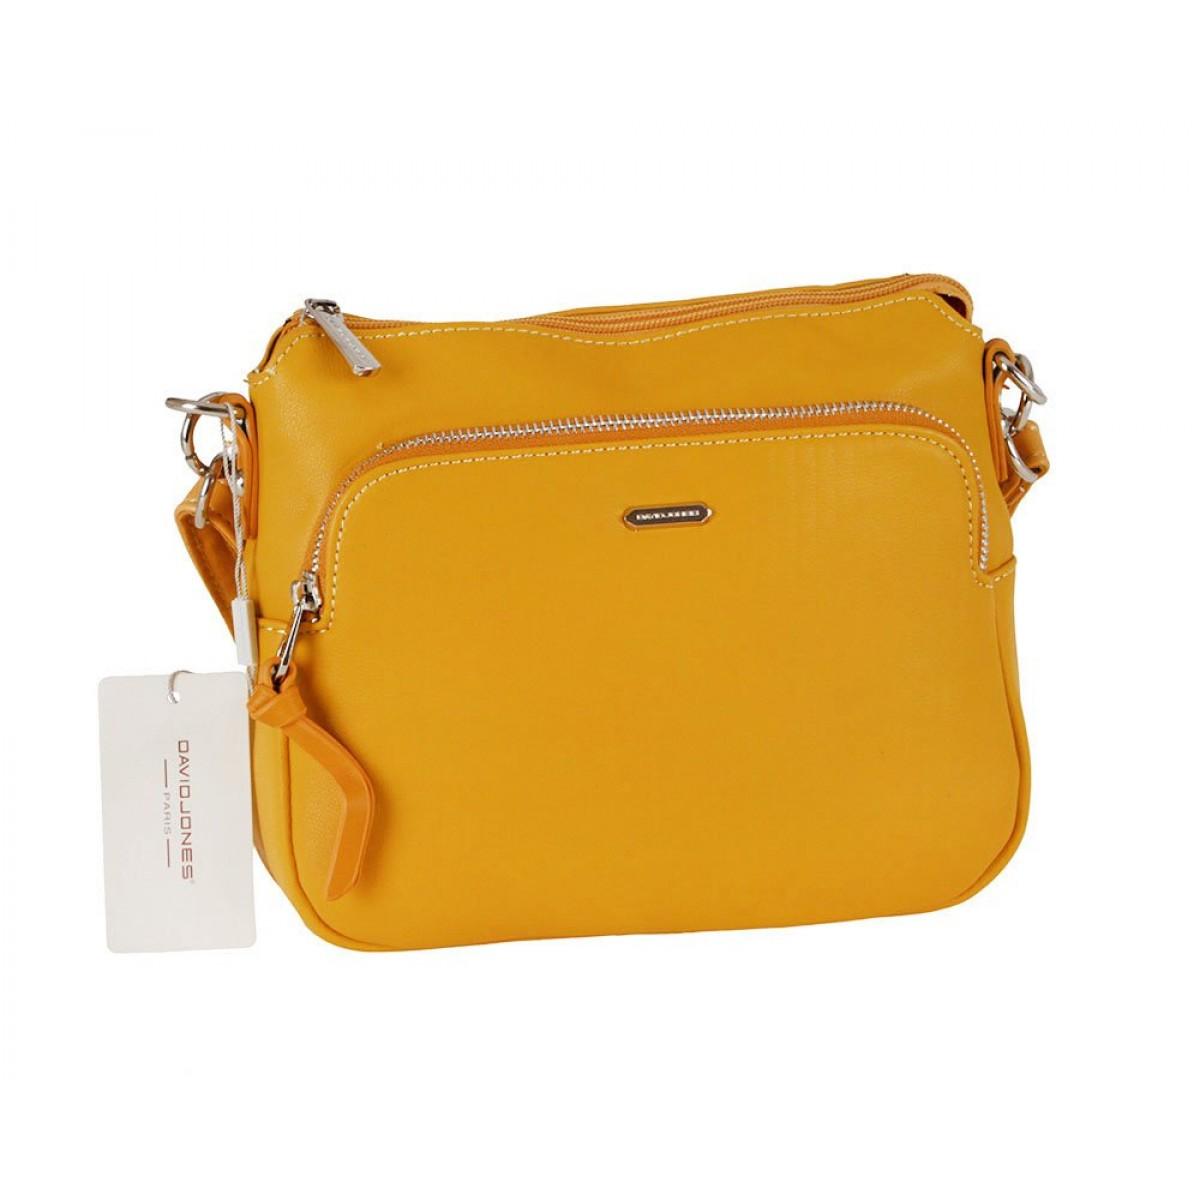 Жіноча сумка David Jones 6299-1 YELLOW